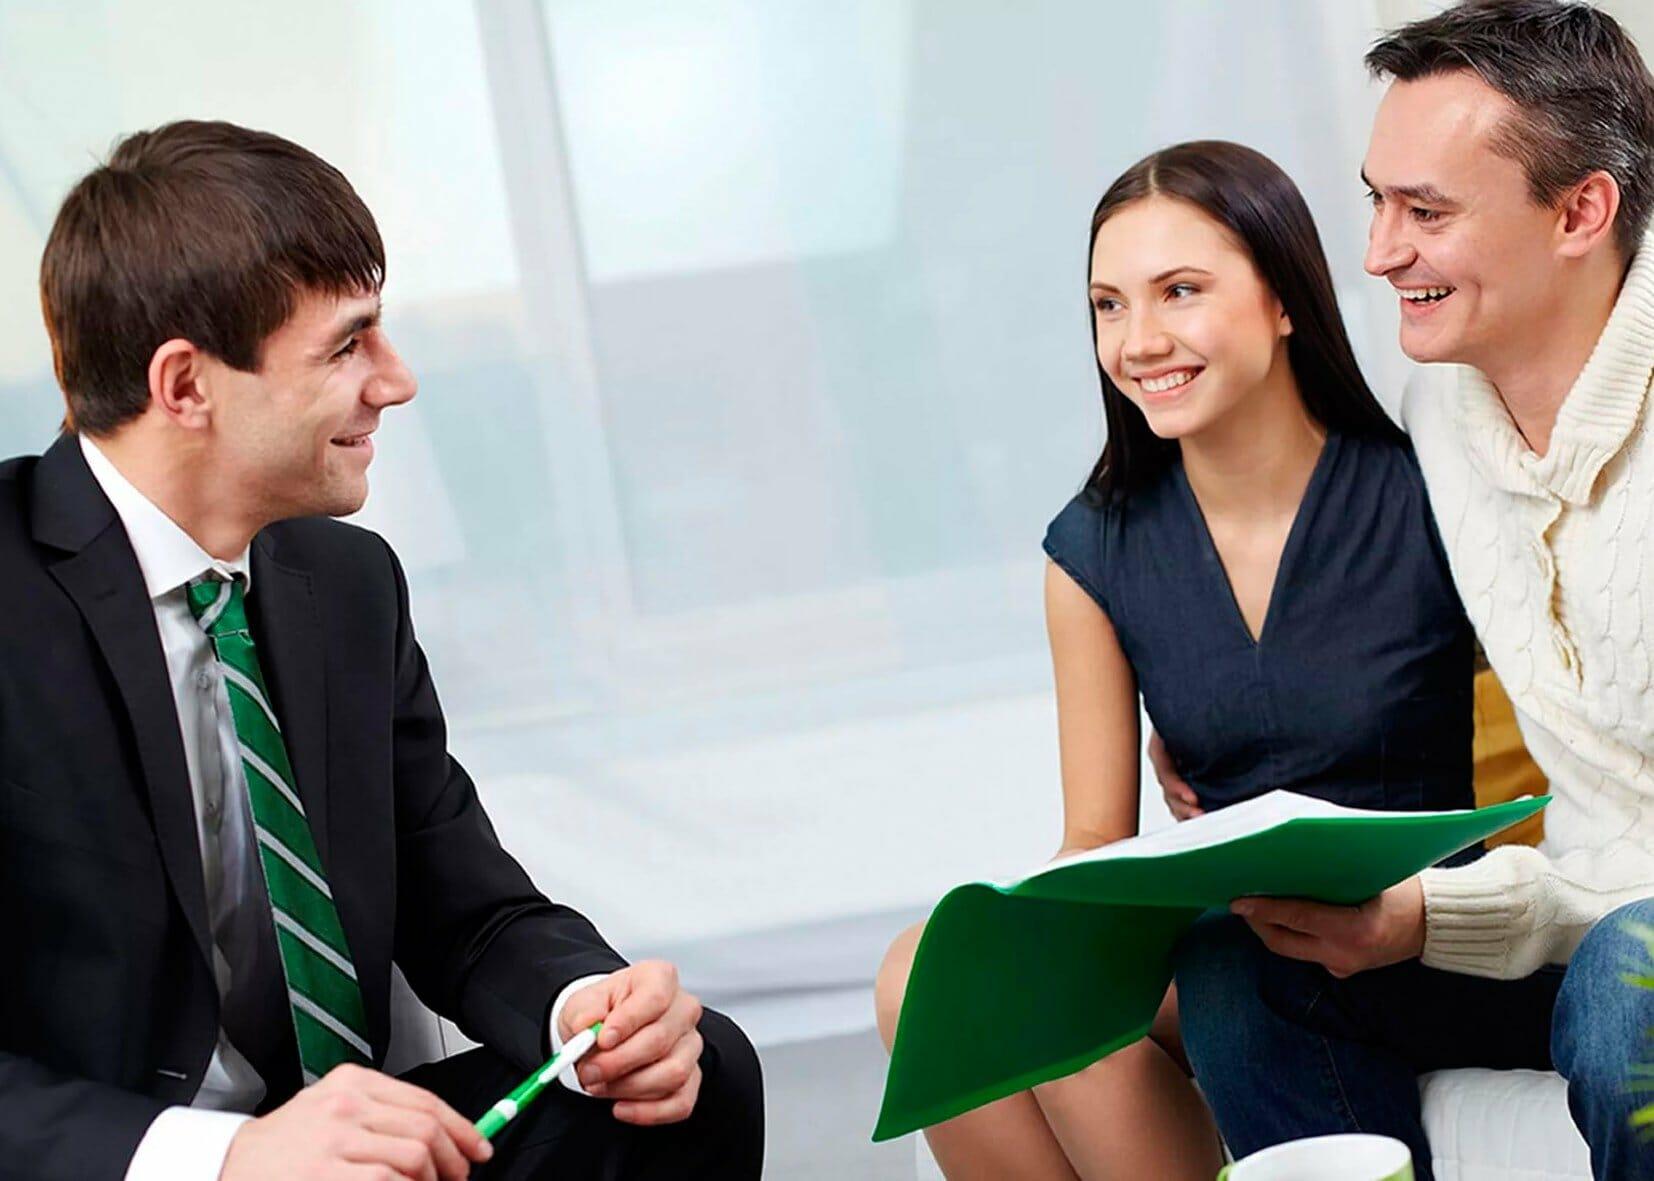 Юрист заключает договор с клиентами